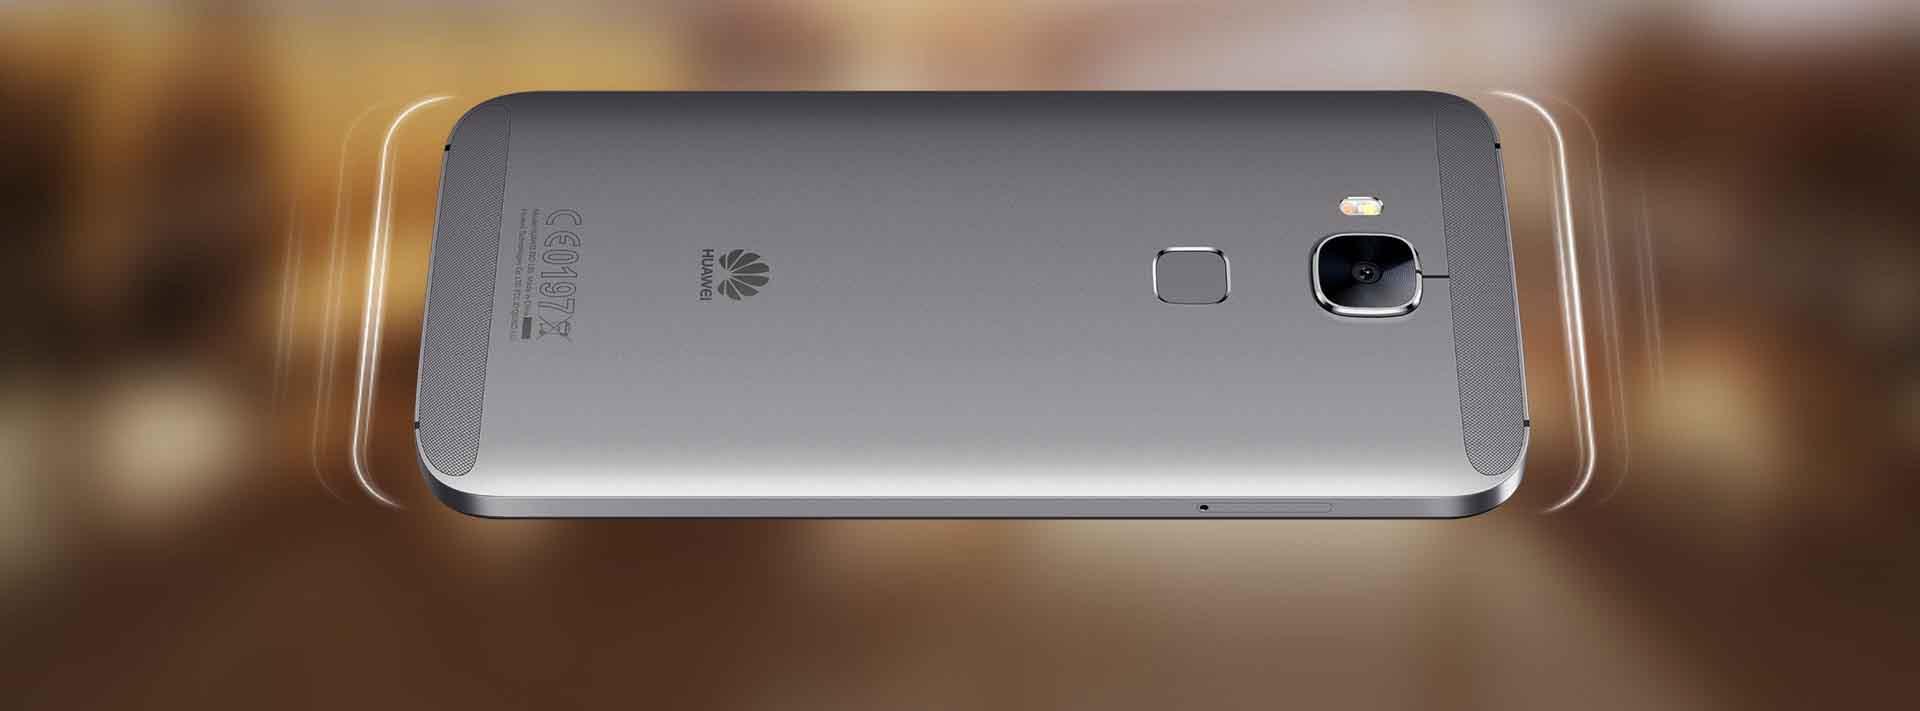 Huawei G8 Dual Sim 4G Gold Twice As Good